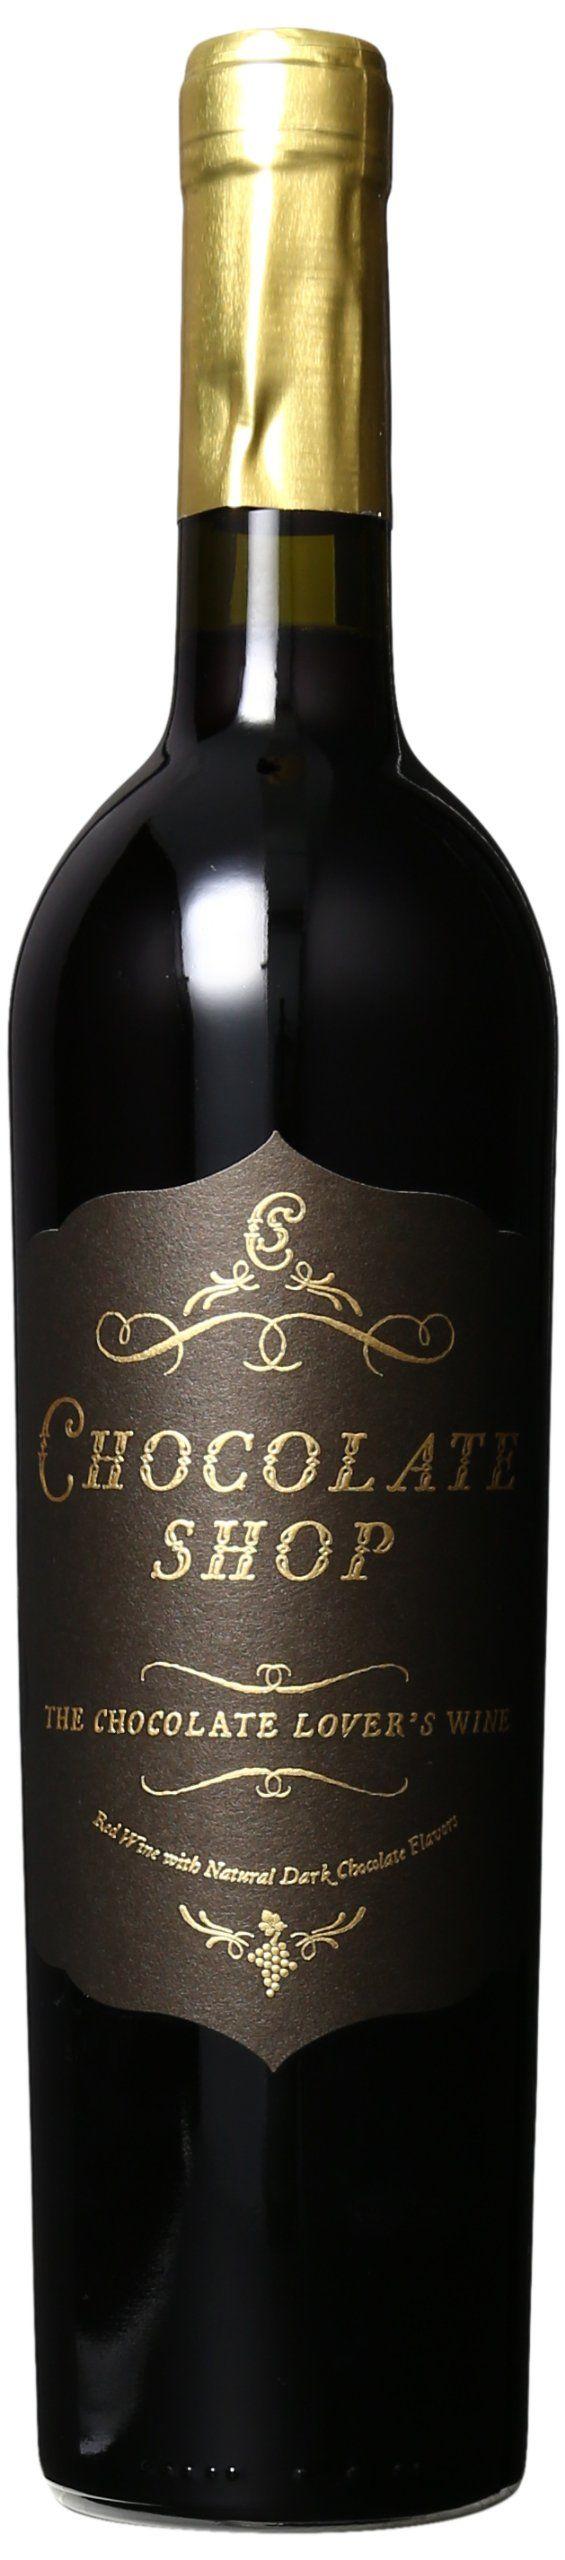 Más de 25 ideas increíbles sobre Chocolate shop wine en Pinterest ...